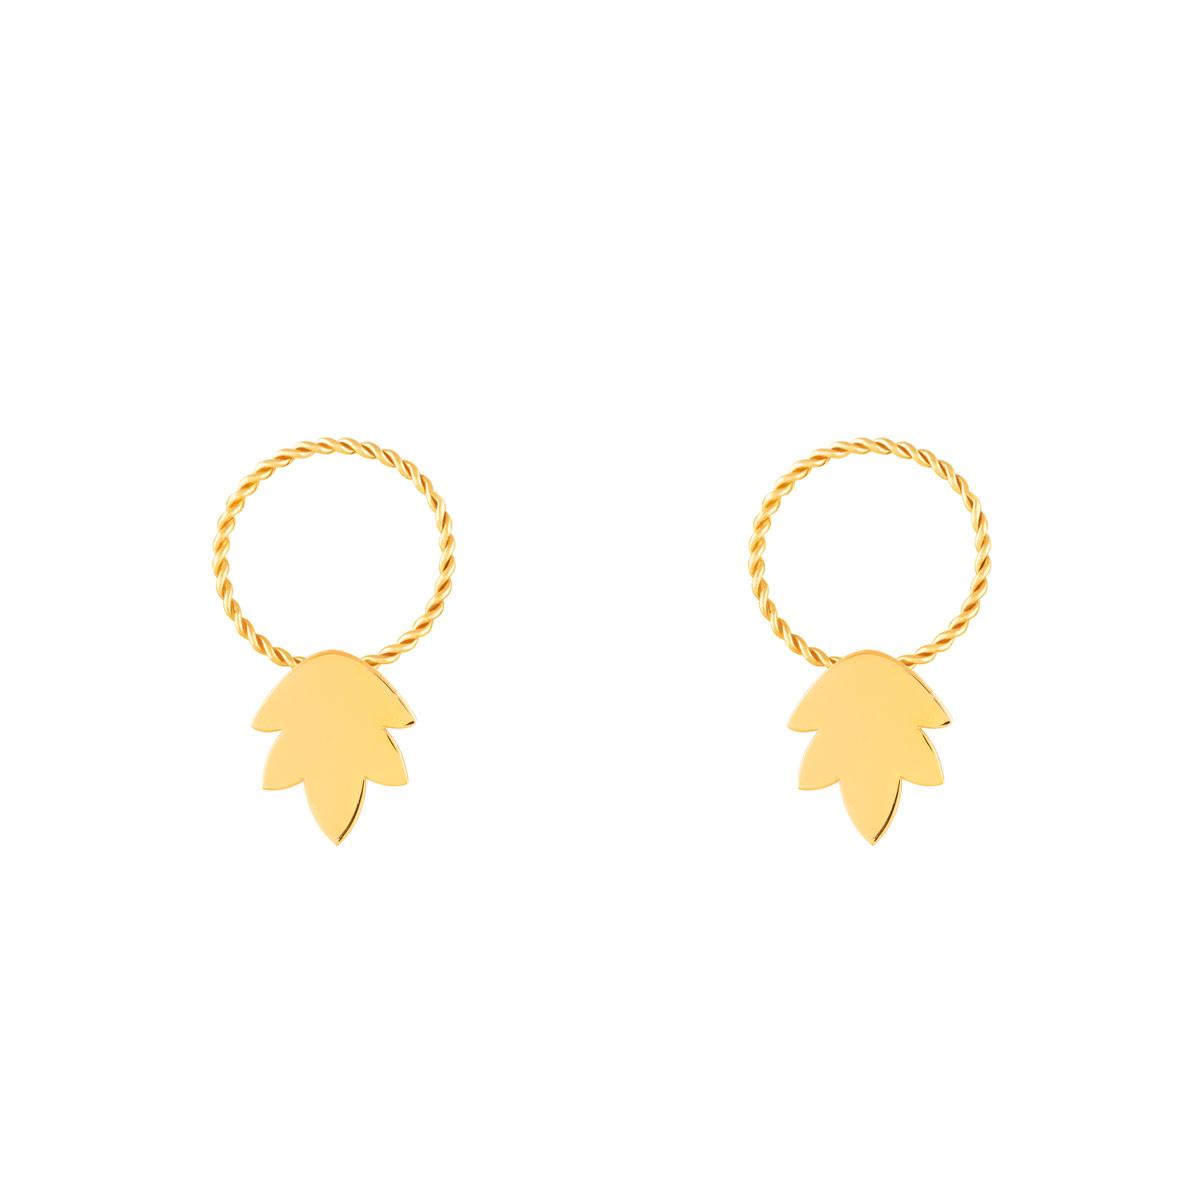 گوشواره طلا برگ ایشتار